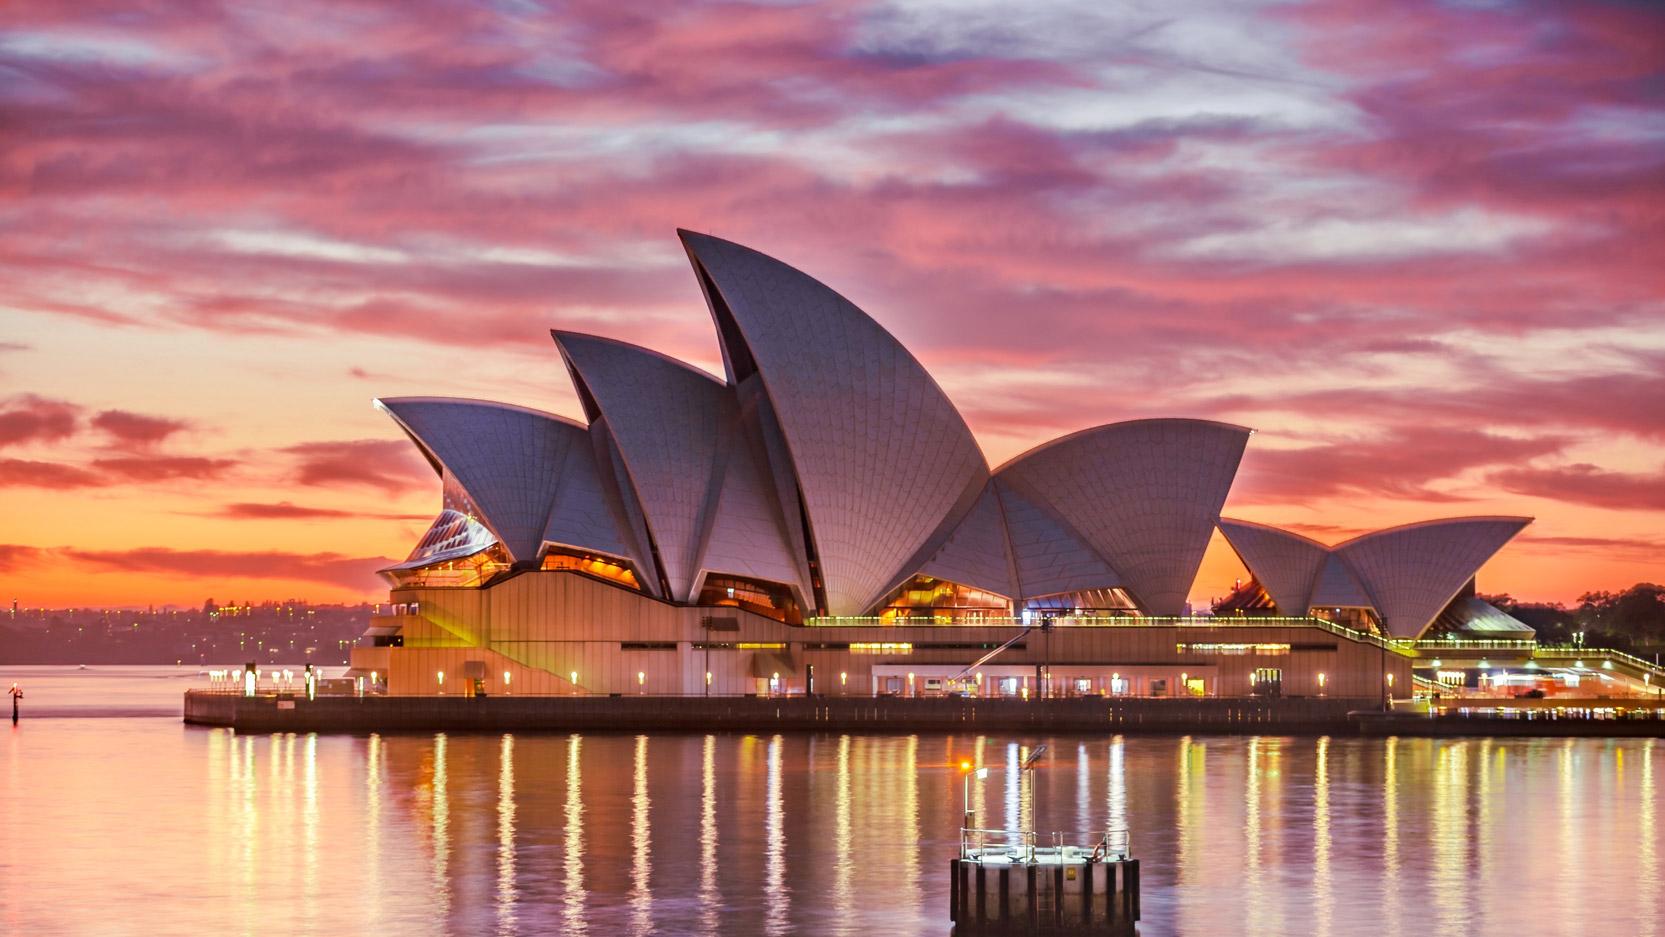 澳大利亚新西兰12天完美视野游(深圳起止)